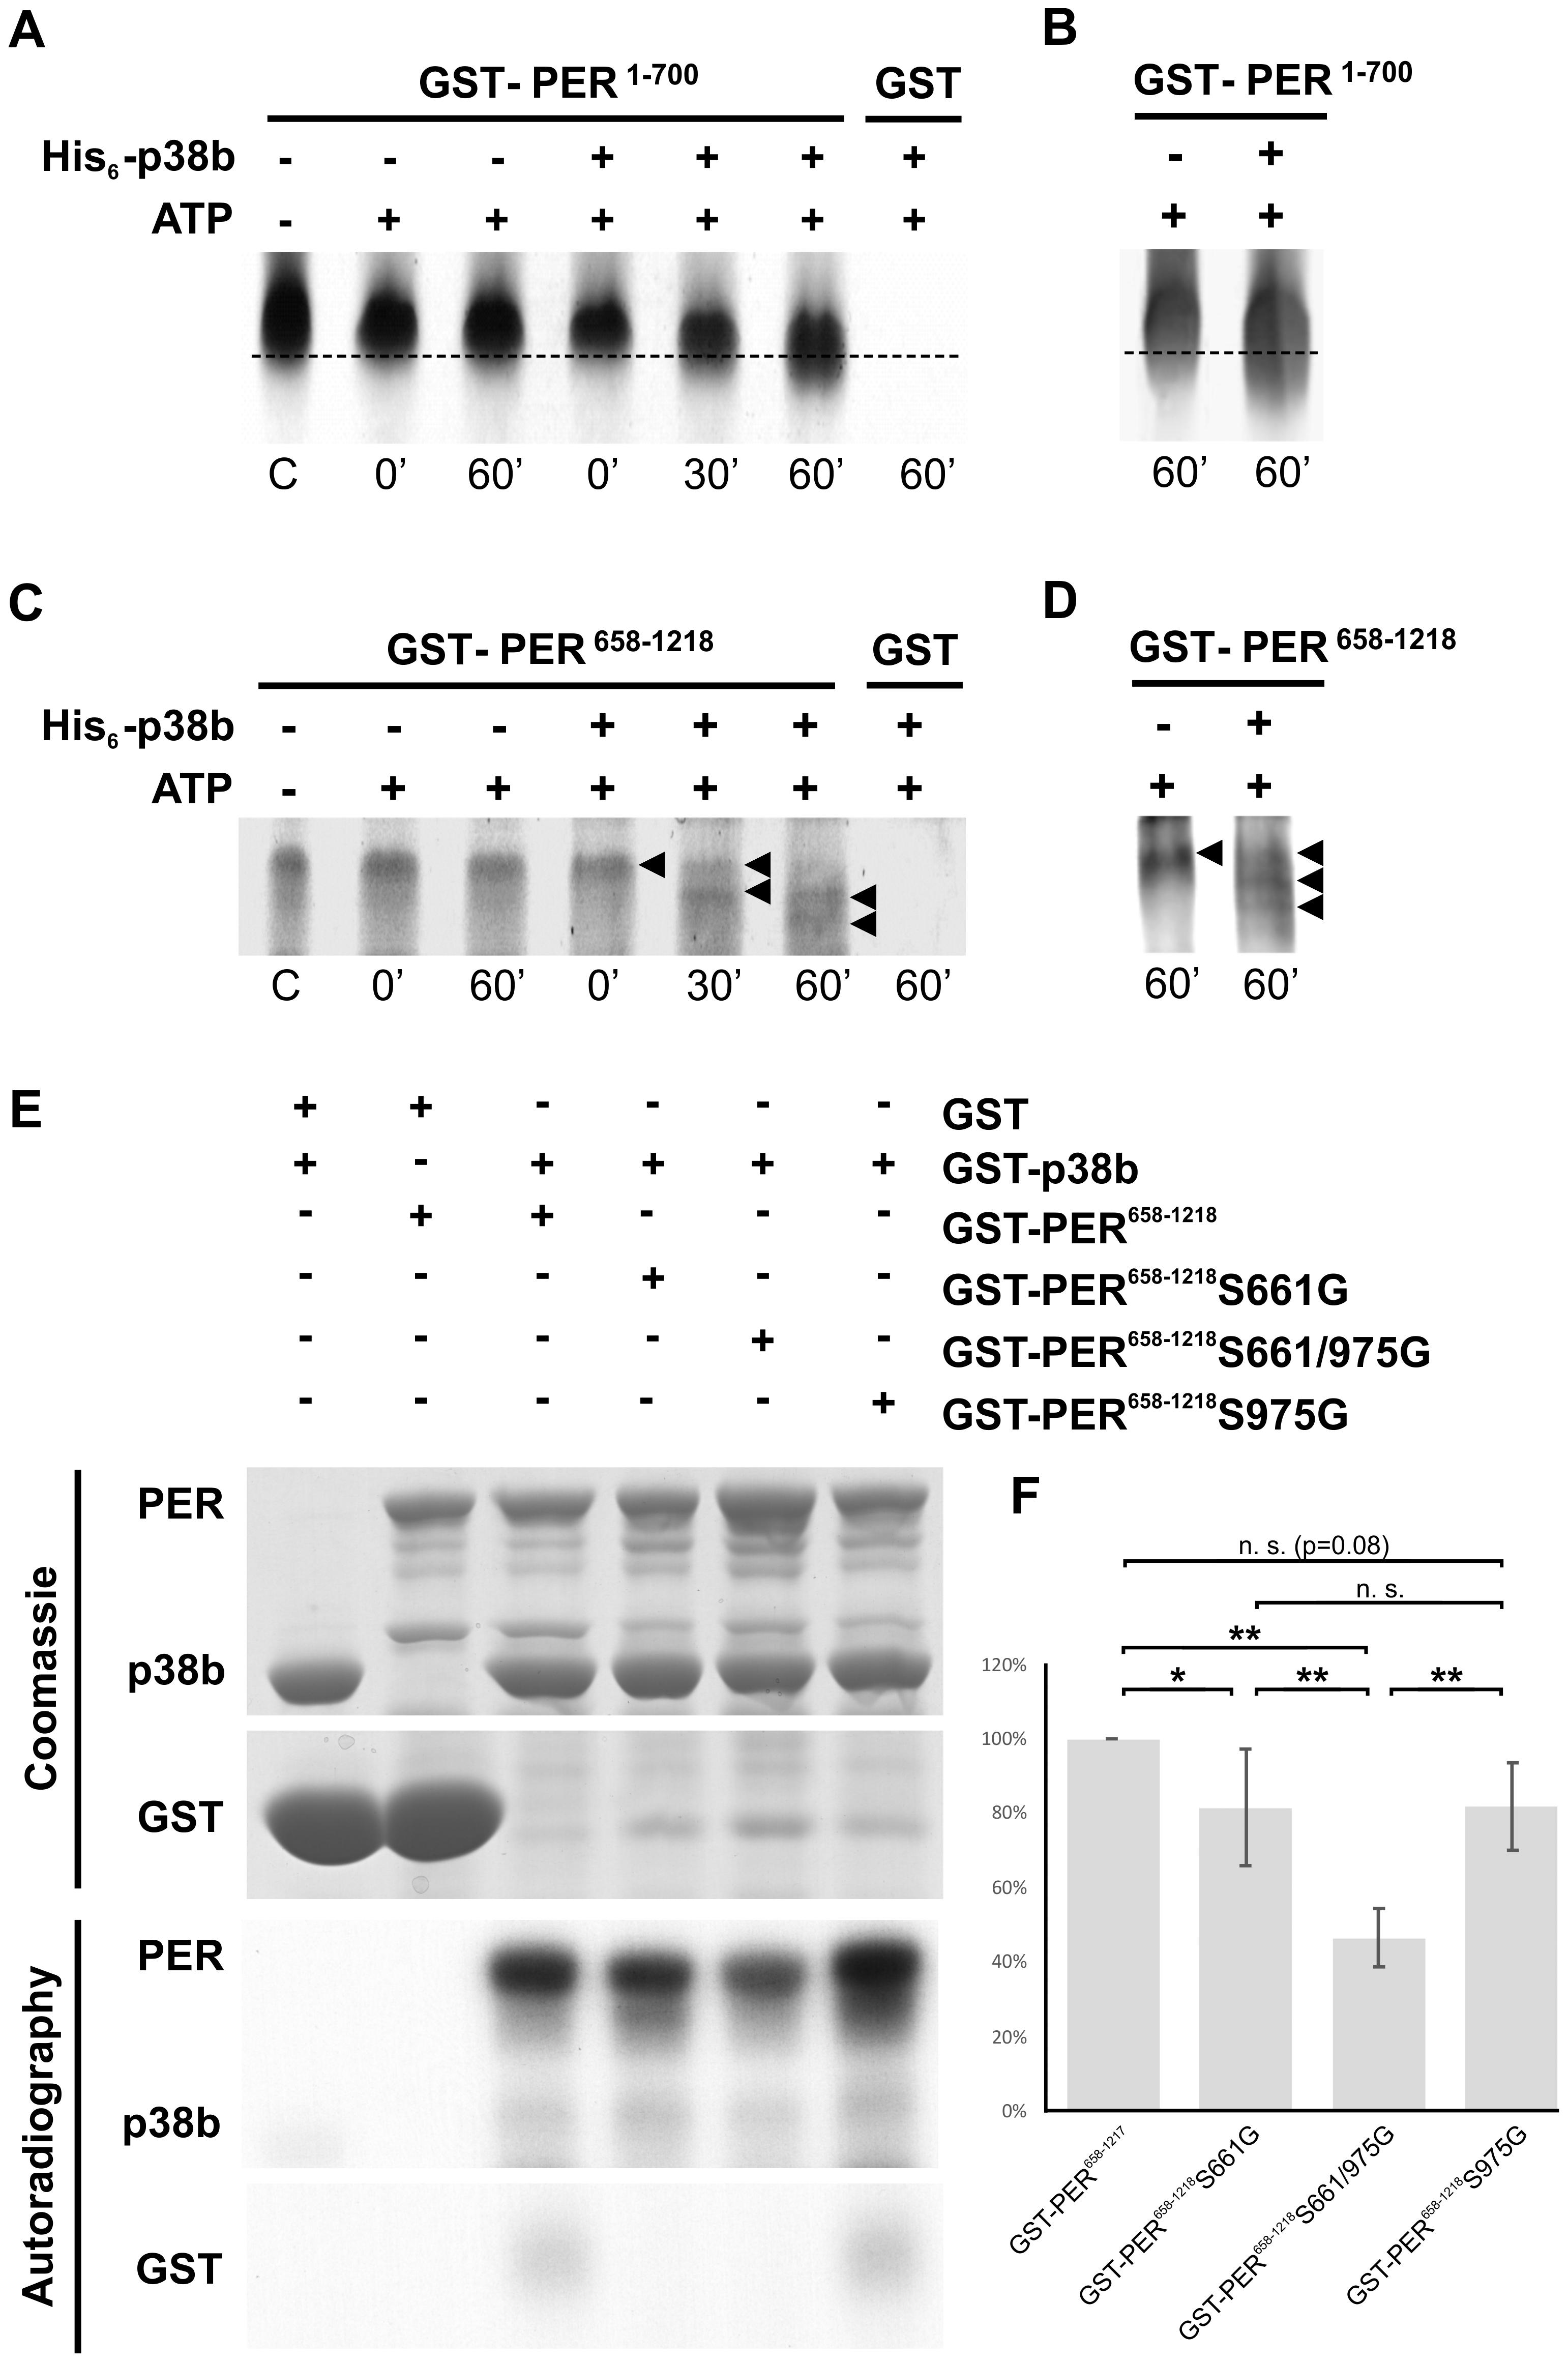 p38b phosphorylates PER <i>in vitro</i>.